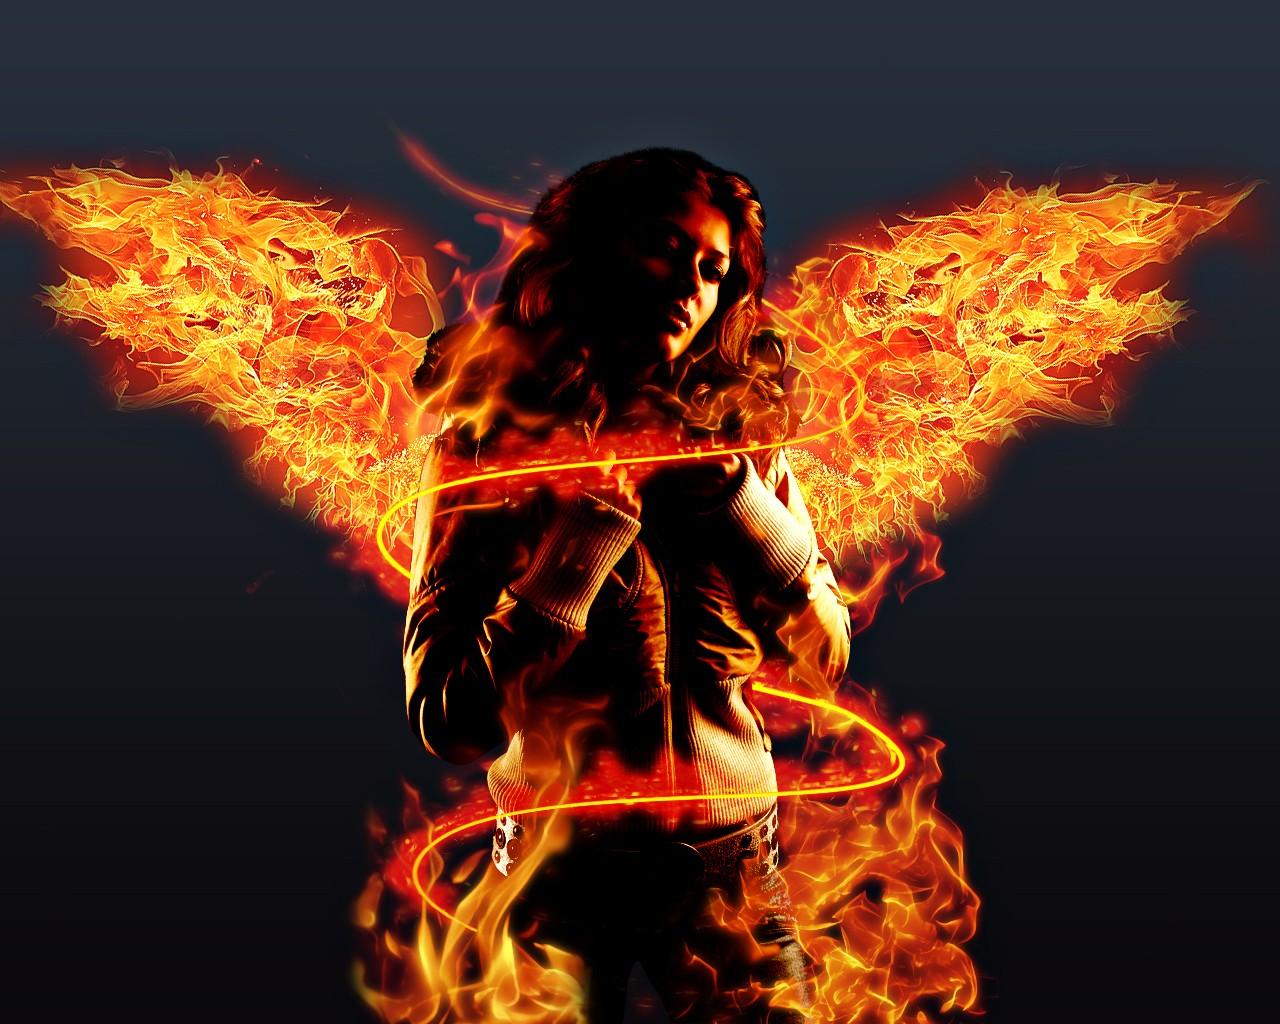 1280x1024 px digital art fire simple background wings women